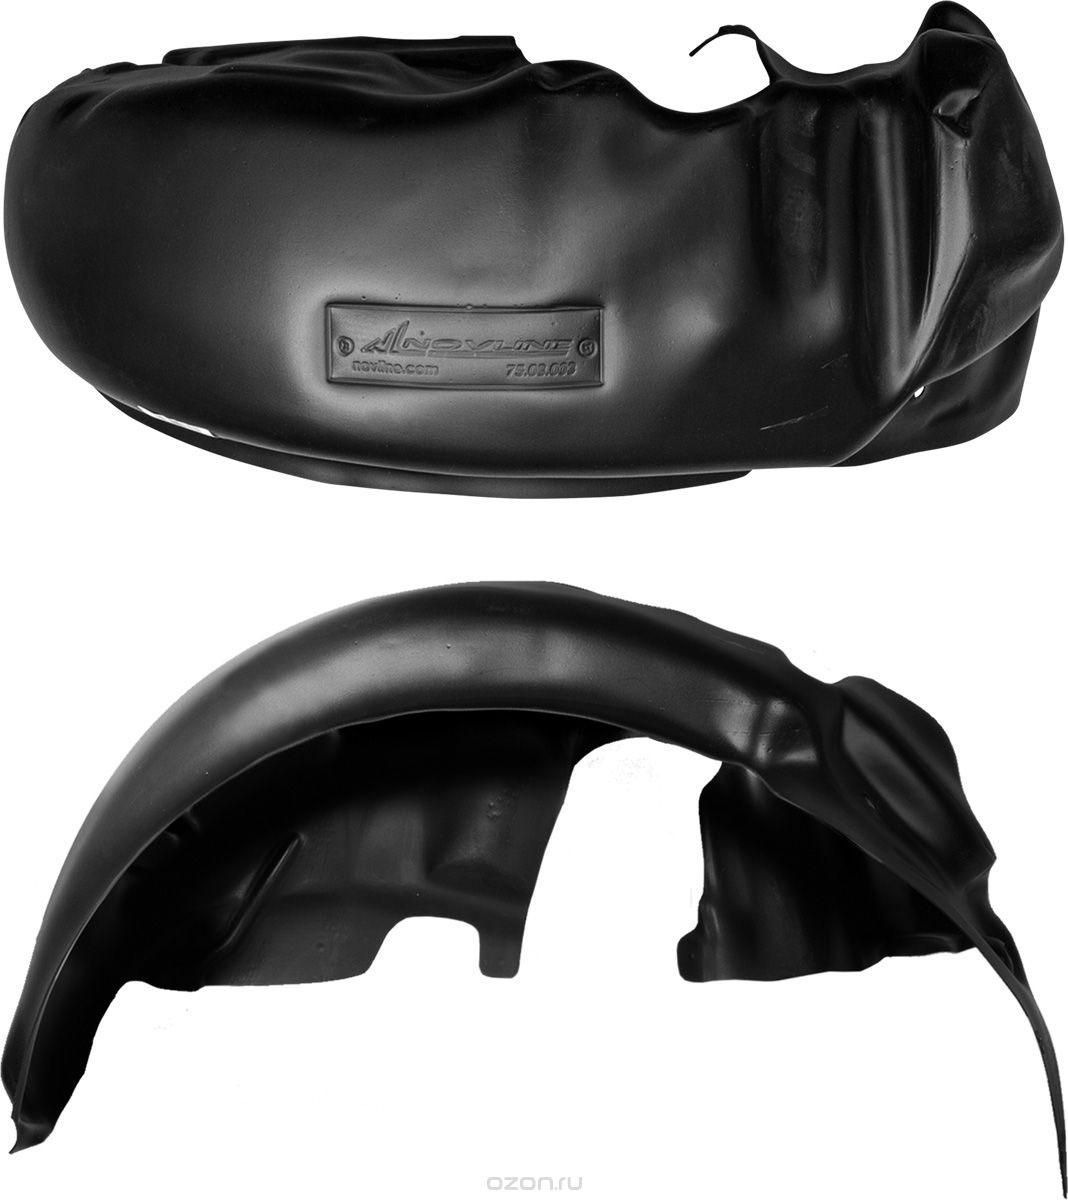 Подкрылок Novline-Autofamily, для TOYOTA Venza , 2013->, задний левыйNLL.48.56.003Идеальная защита колесной ниши. Локеры разработаны с применением цифровых технологий, гарантируют максимальную повторяемость поверхности арки. Изделия устанавливаются без нарушения лакокрасочного покрытия автомобиля, каждый подкрылок комплектуется крепежом. Уважаемые клиенты, обращаем ваше внимание, что фотографии на подкрылки универсальные и не отражают реальную форму изделия. При этом само изделие идет точно под размер указанного автомобиля.